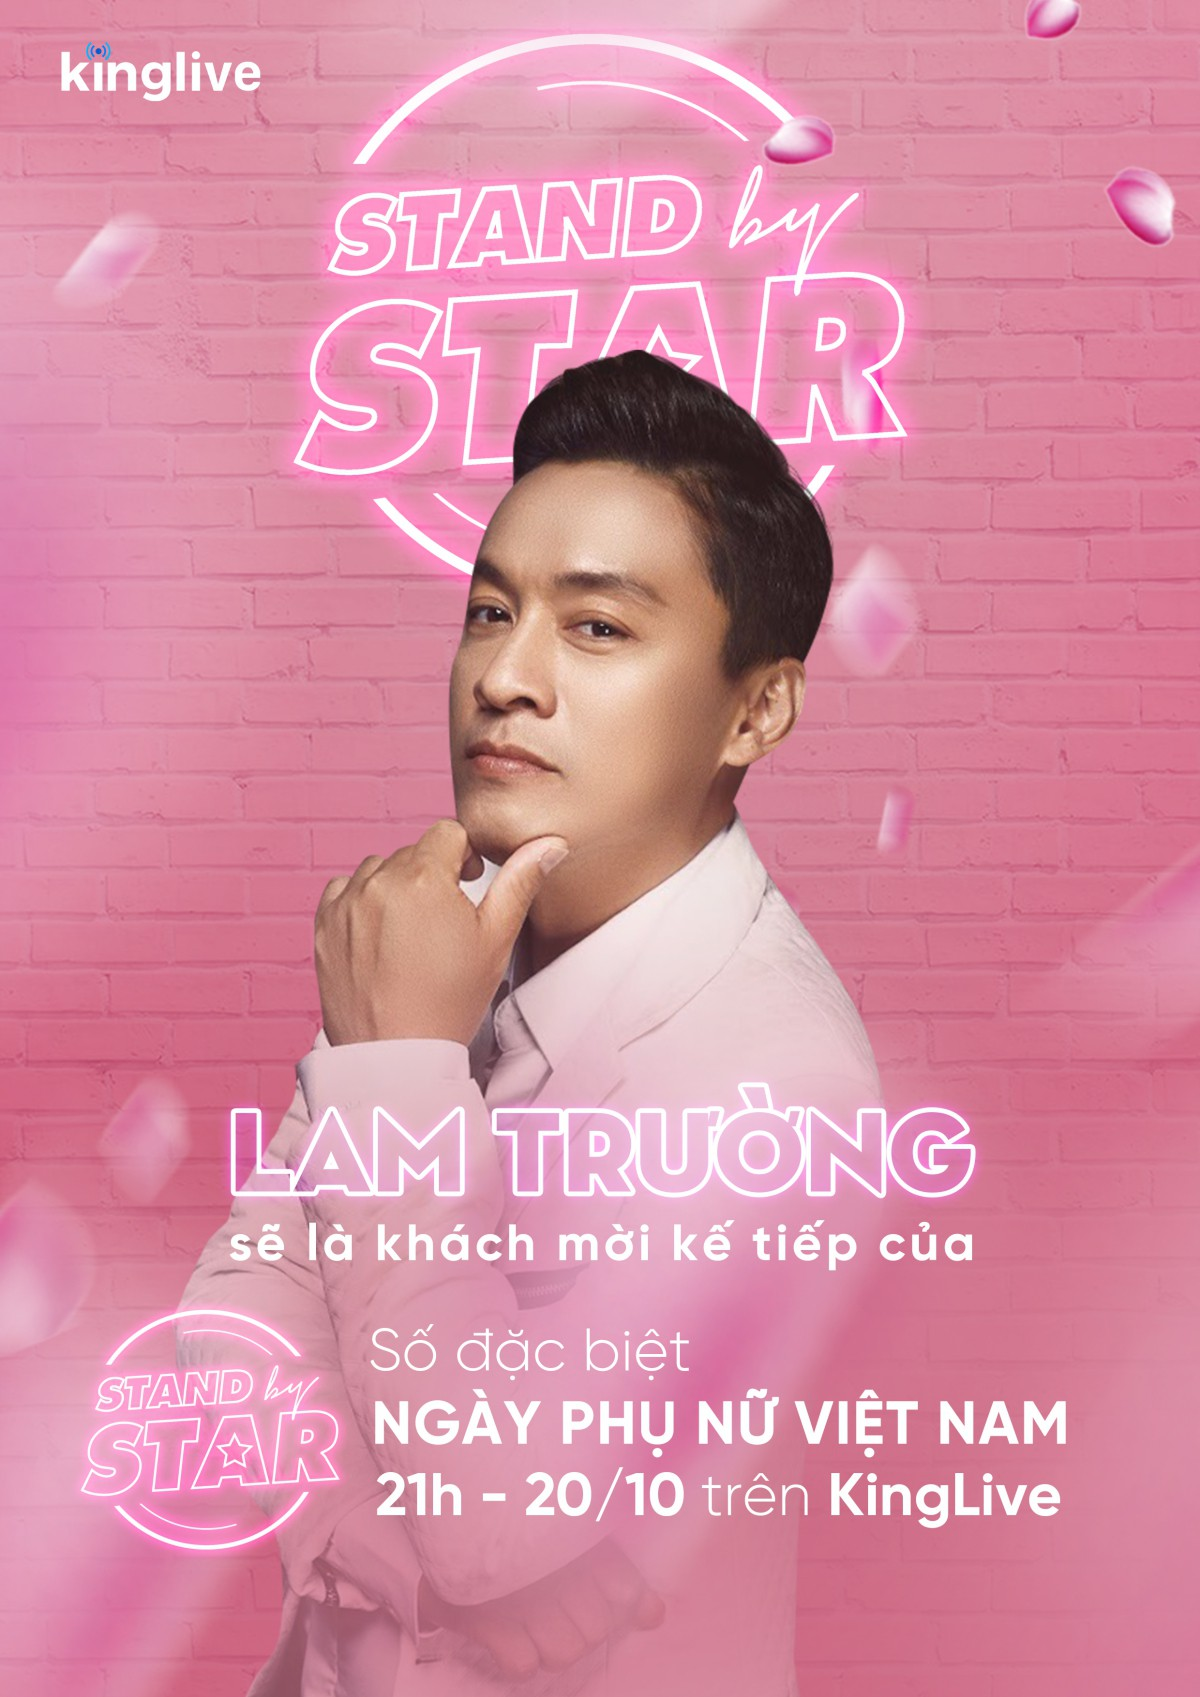 Dàn sao khủng Vbiz đổ bộ Stand By Star, hứa hẹn bùng nổ cảm xúc cùng ngày Phụ nữ Việt Nam 20/10 - Ảnh 3.